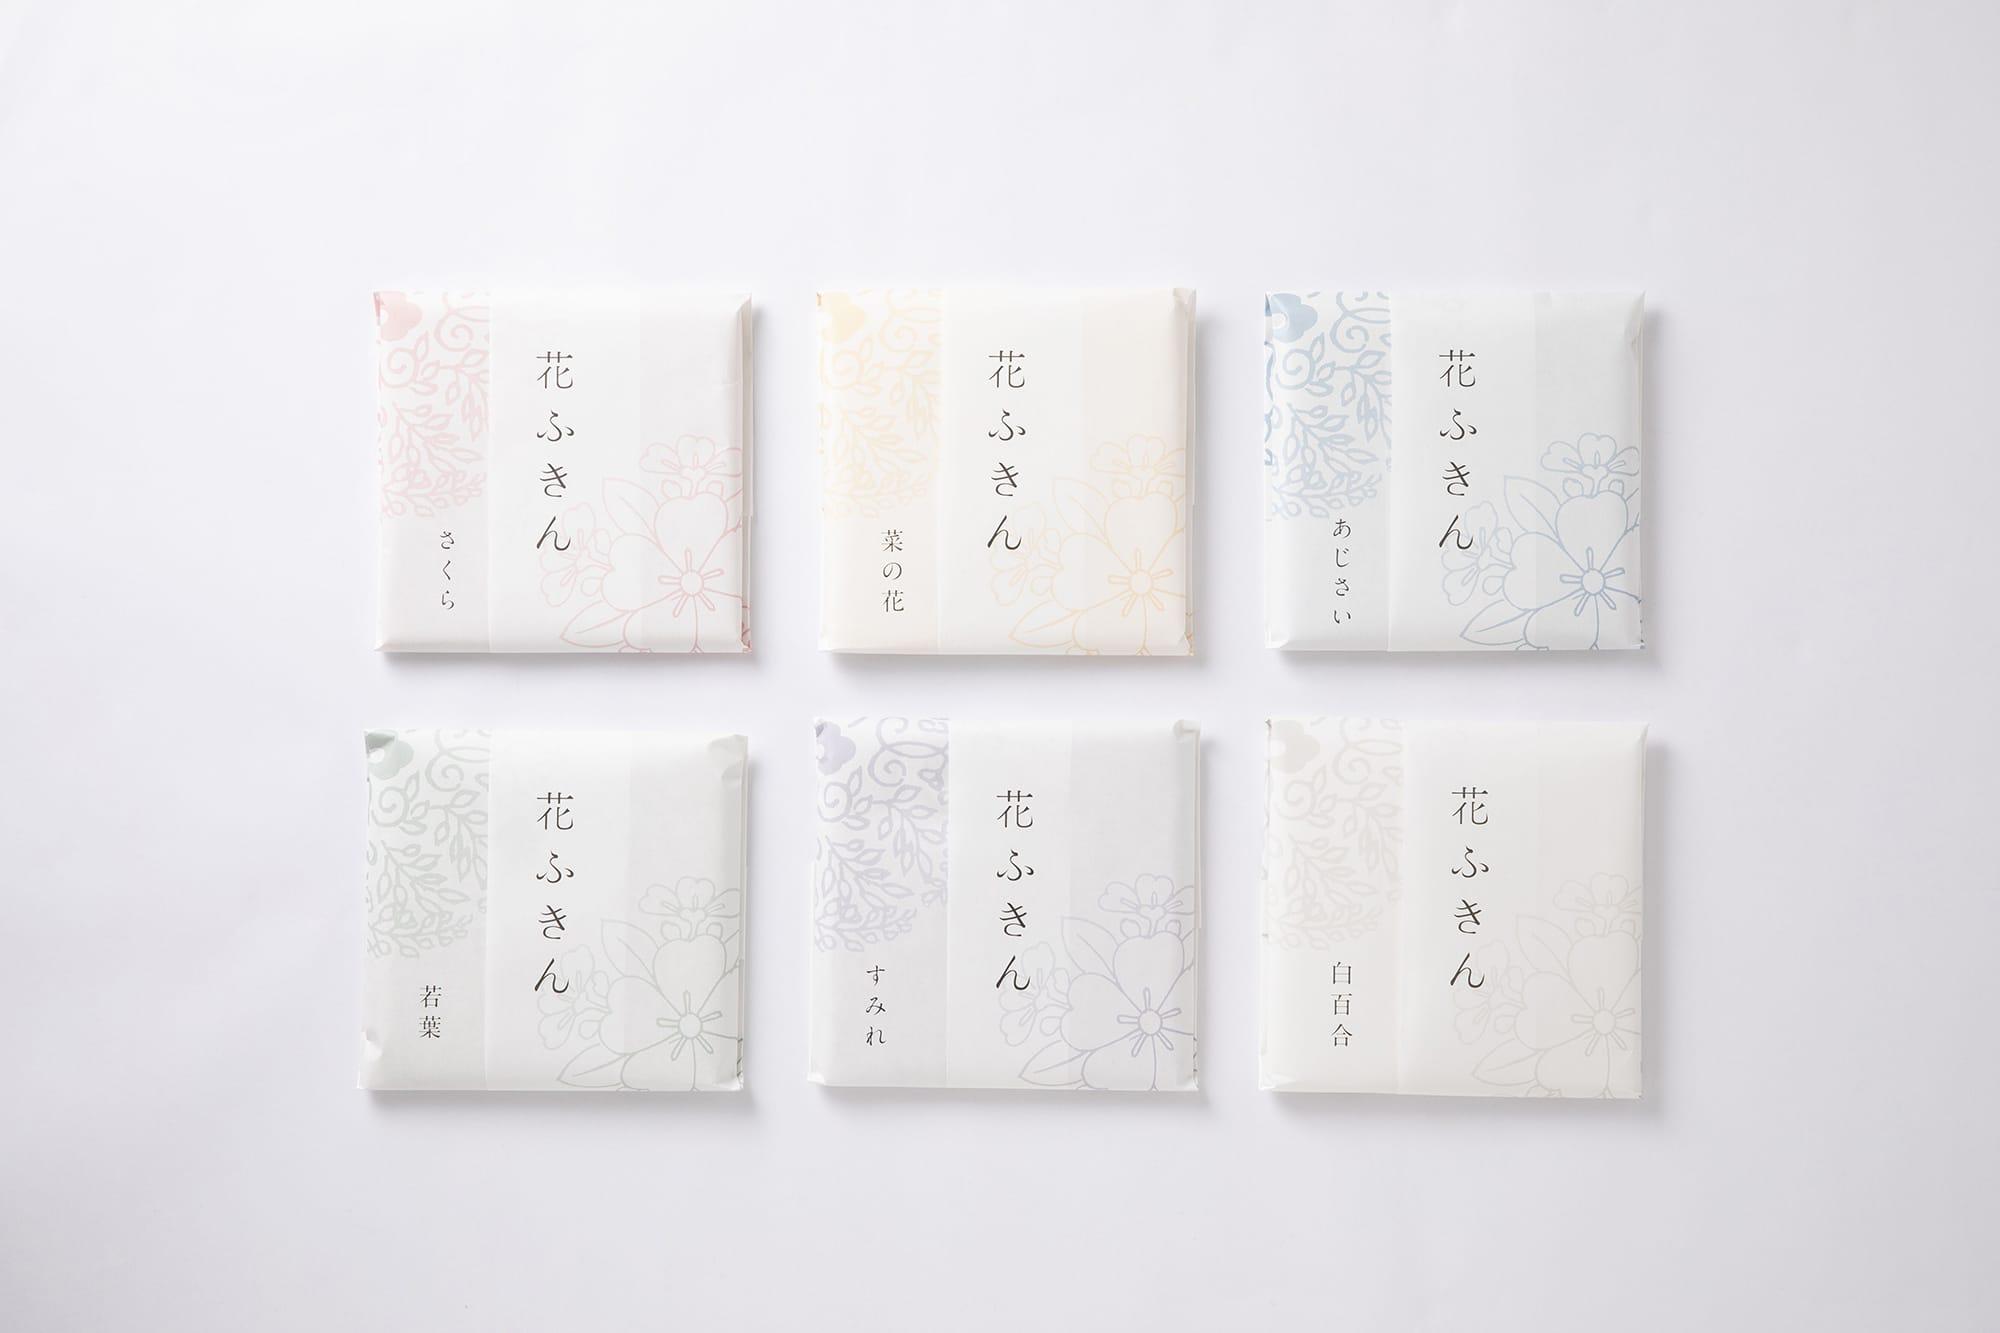 中川政七商店のヒット商品のひとつ「花ふきん」。花ふきんは奈良県産の「かや織」の生地で作られている。かや織は吸水性に優れ、乾きやすい。